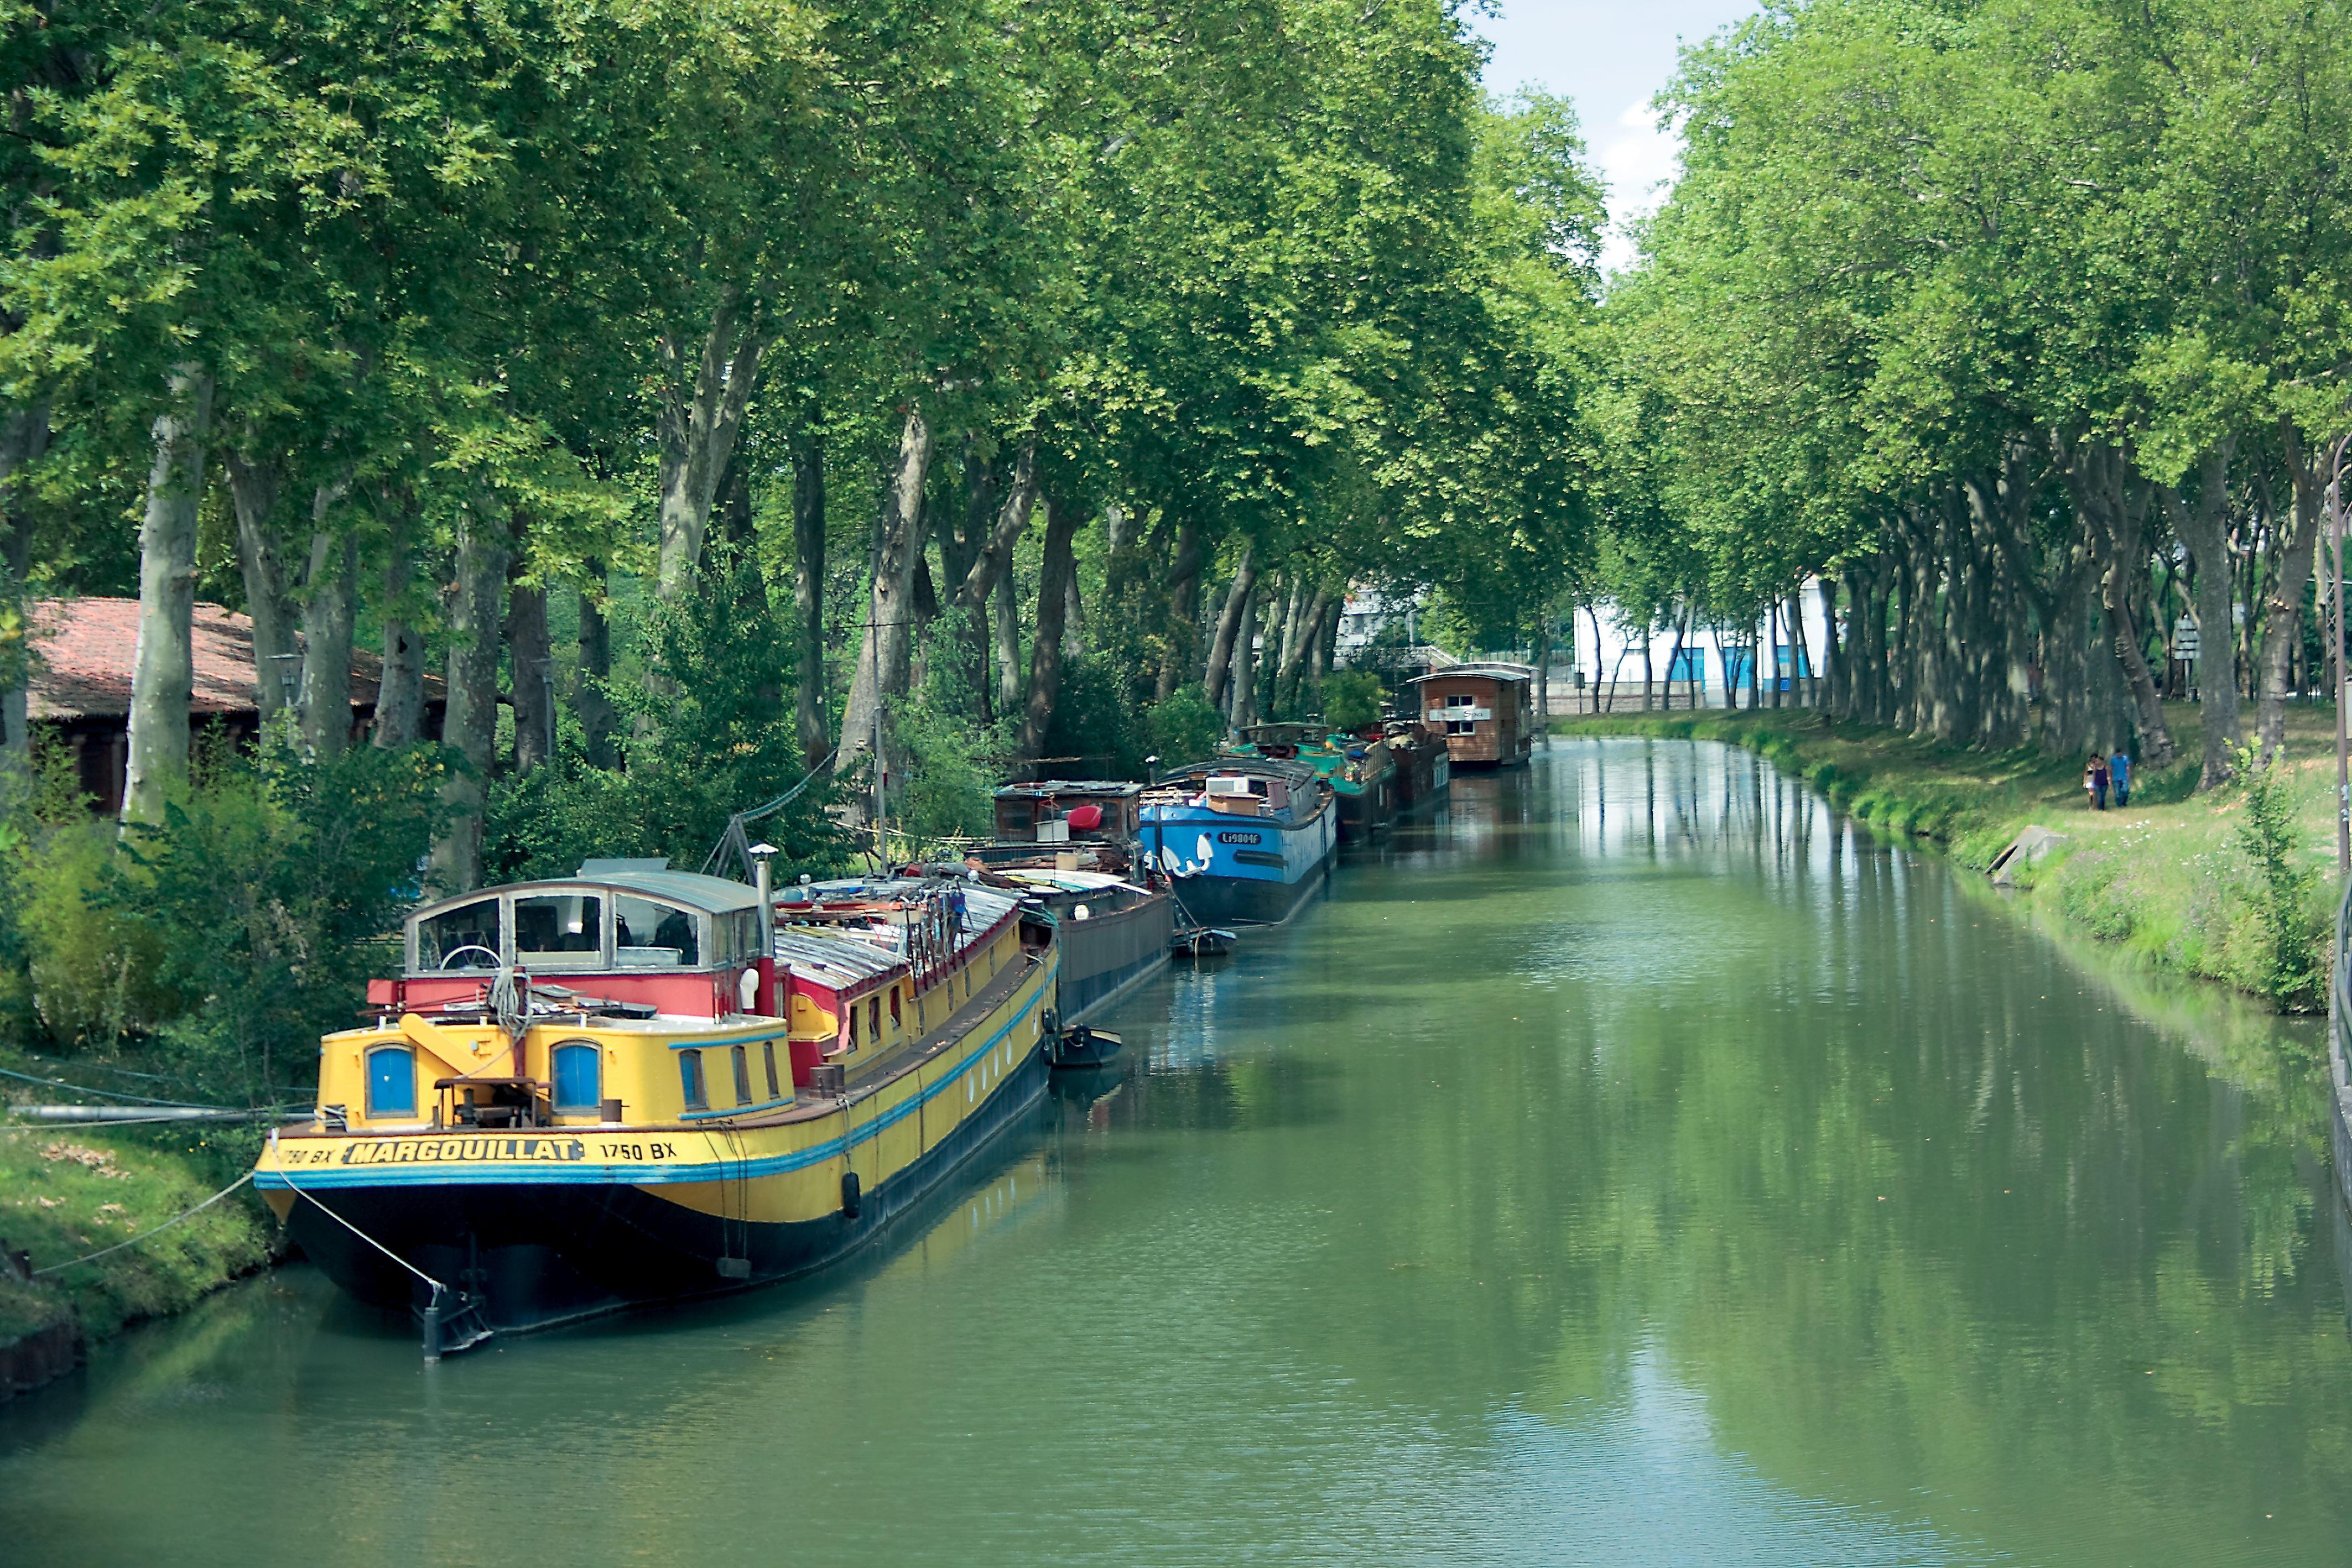 Le canal du Midi, patrimoine mondial de l'humanité